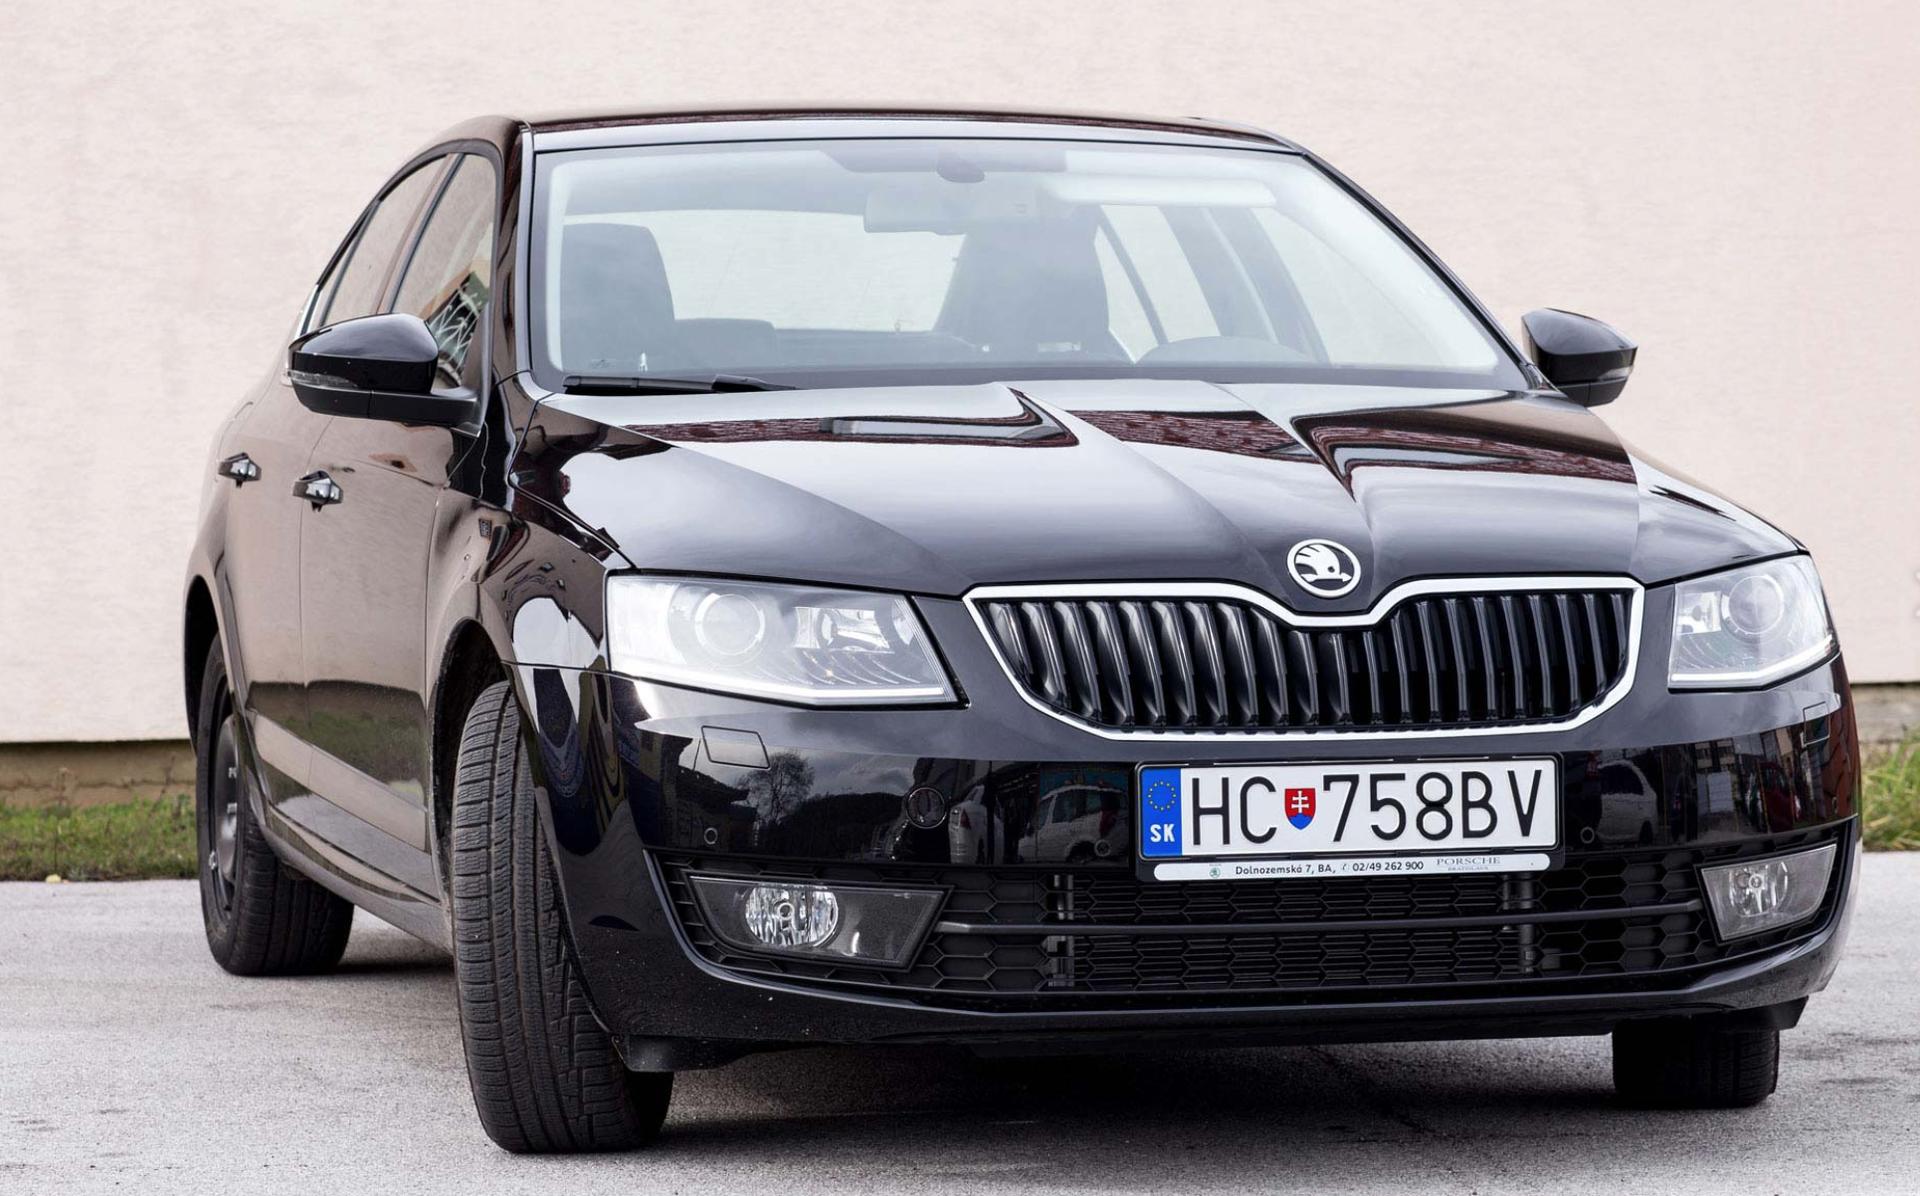 f1a1b39042cf BIPS cars s.r.o. - Hlohovec - požičovňa osobných vozidiel. Škoda Octavia